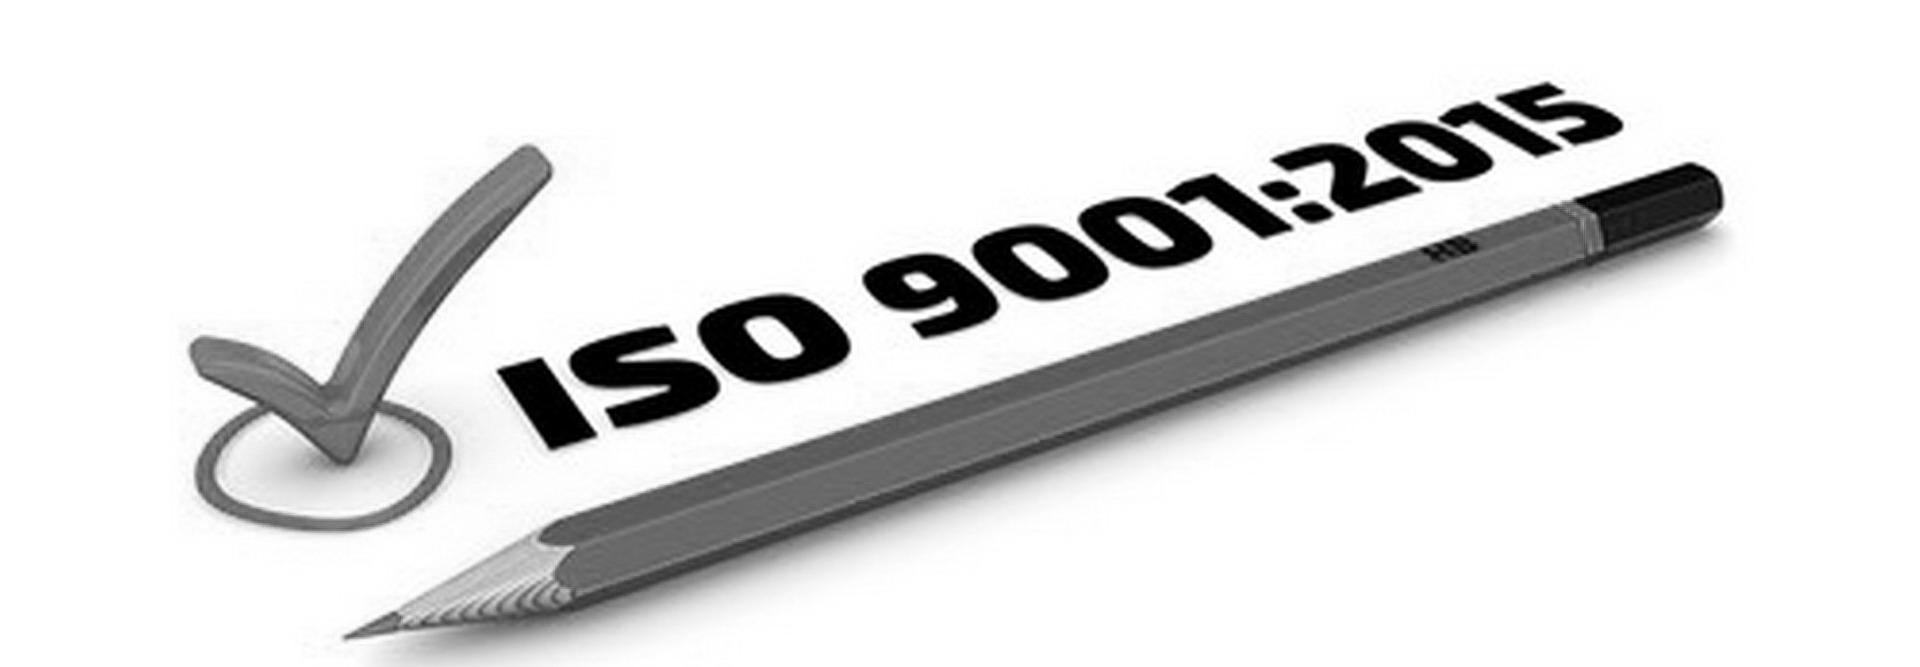 עיפרון מחודד עם כיתוב ISO 9001:2015 כדימוי לתהליך שפיצי מהיר וממוקד